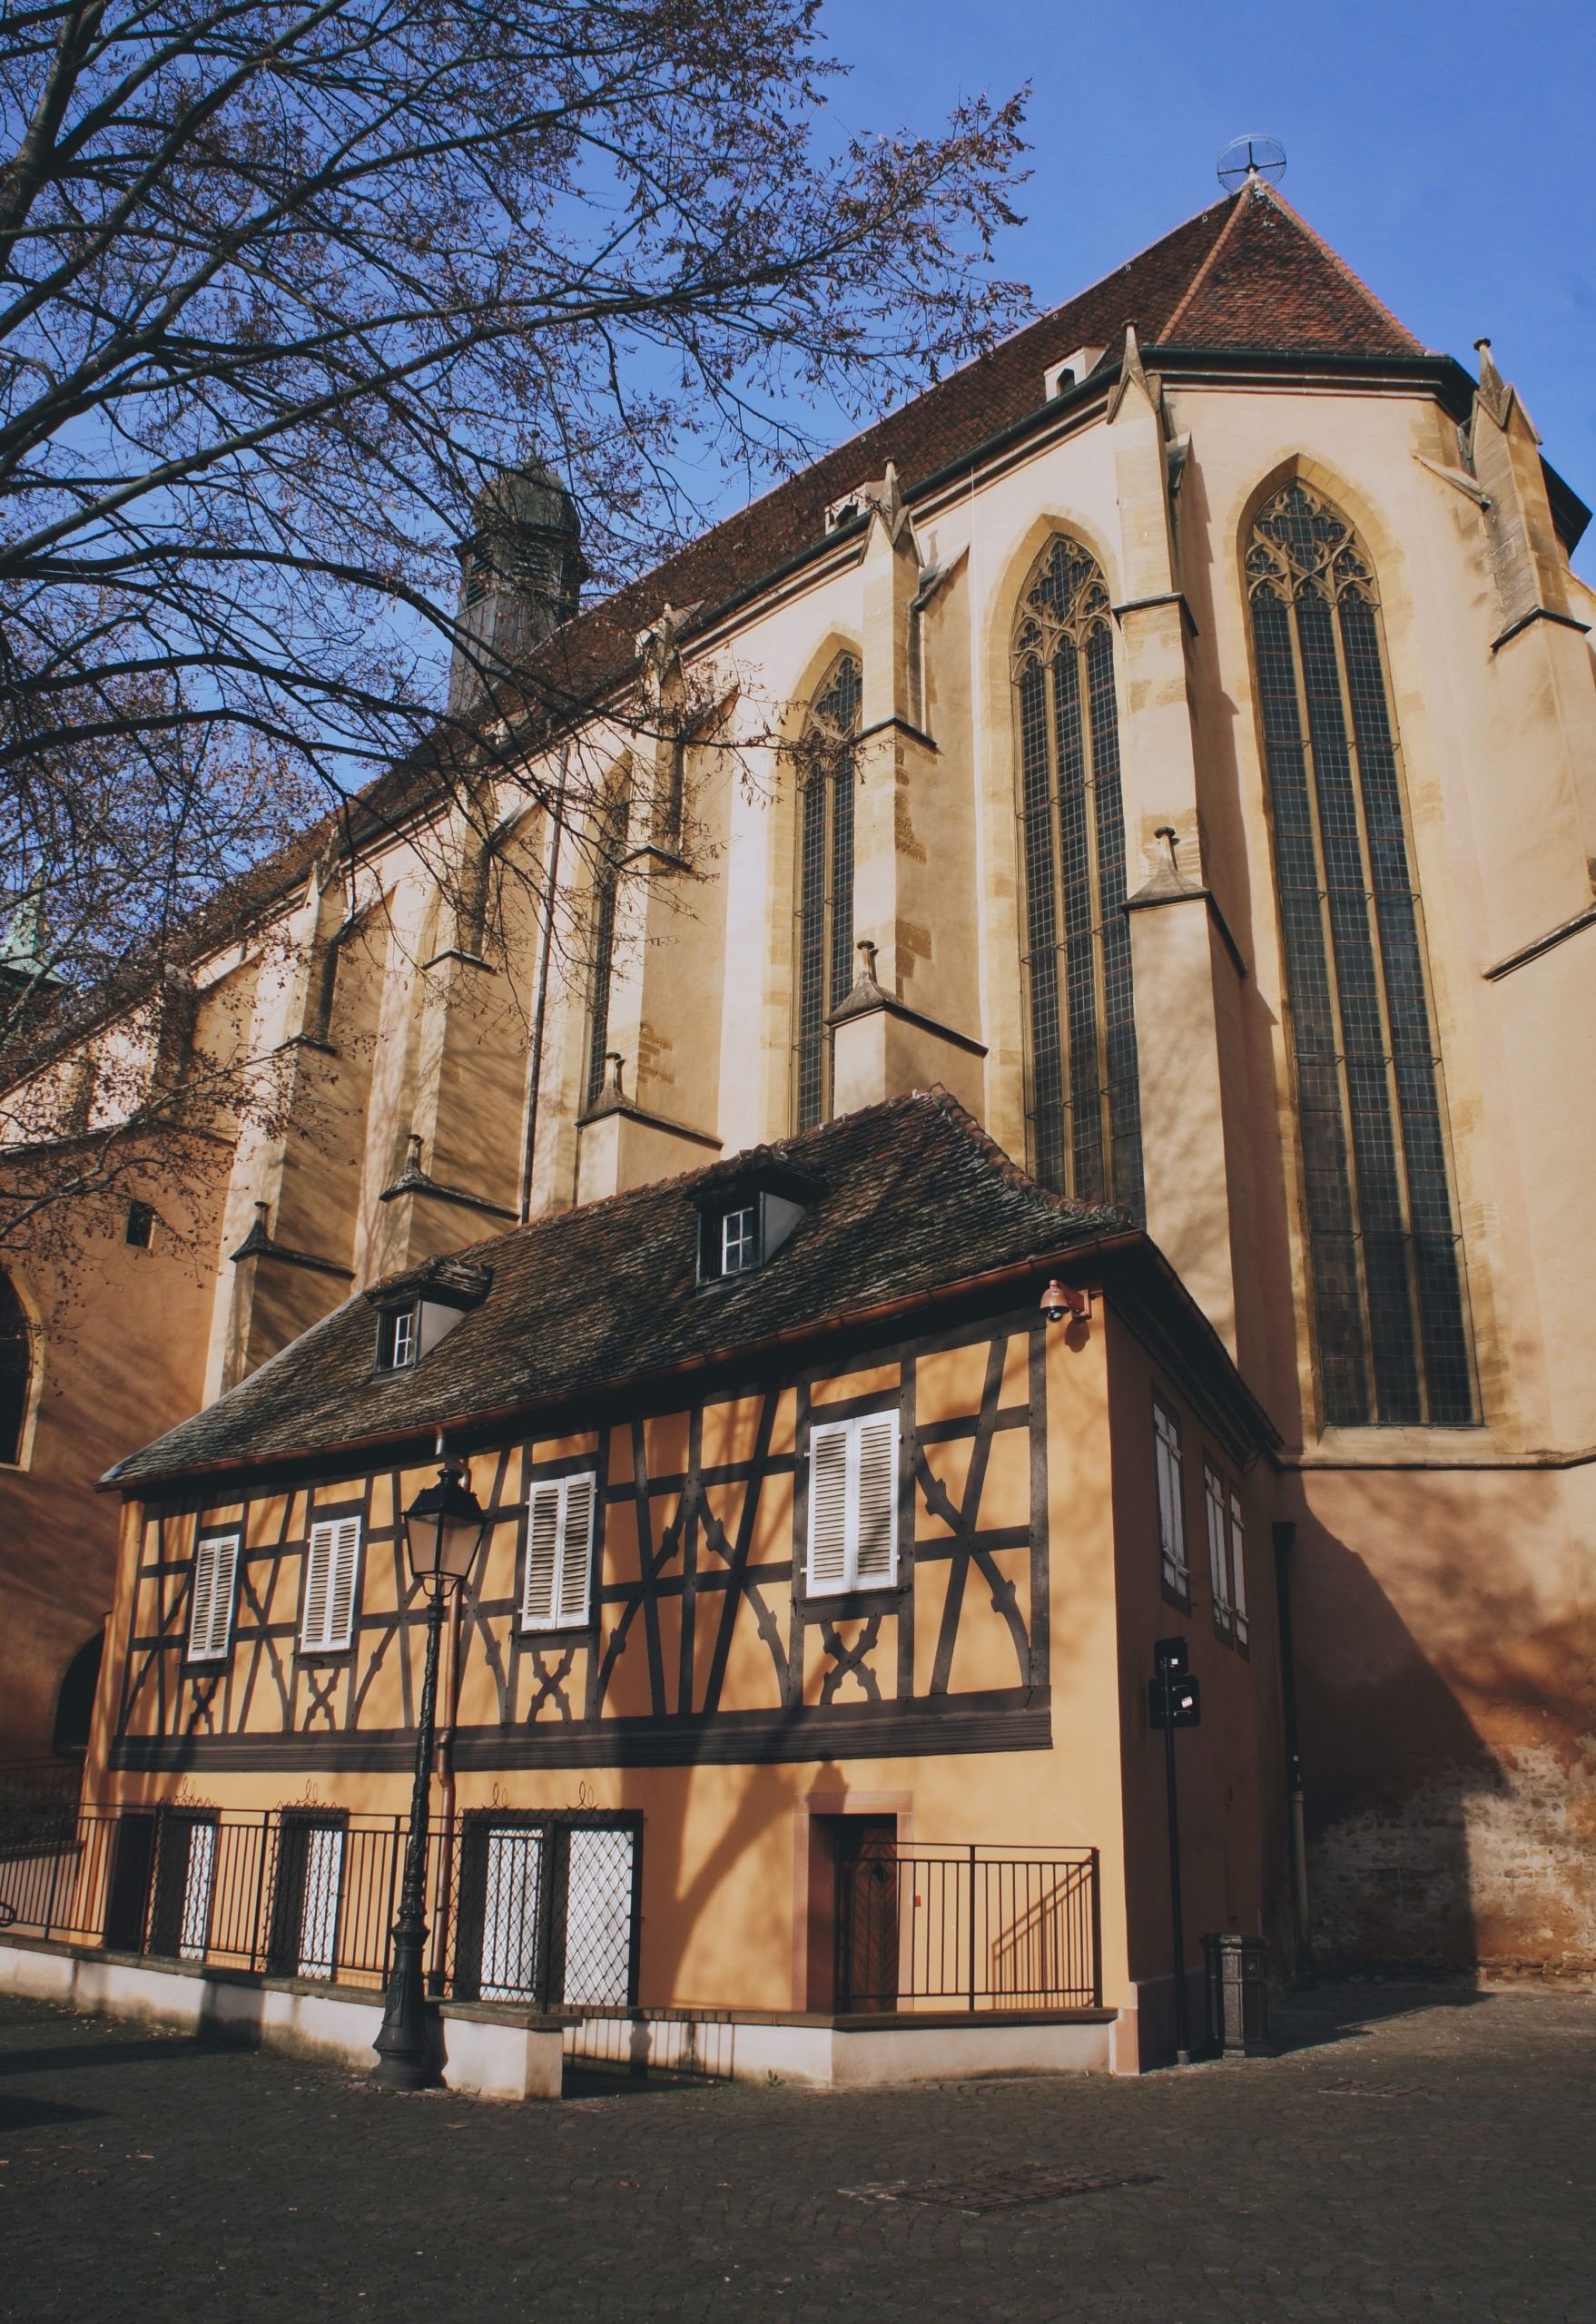 Maison à colombages accolée à l'église à Colmar